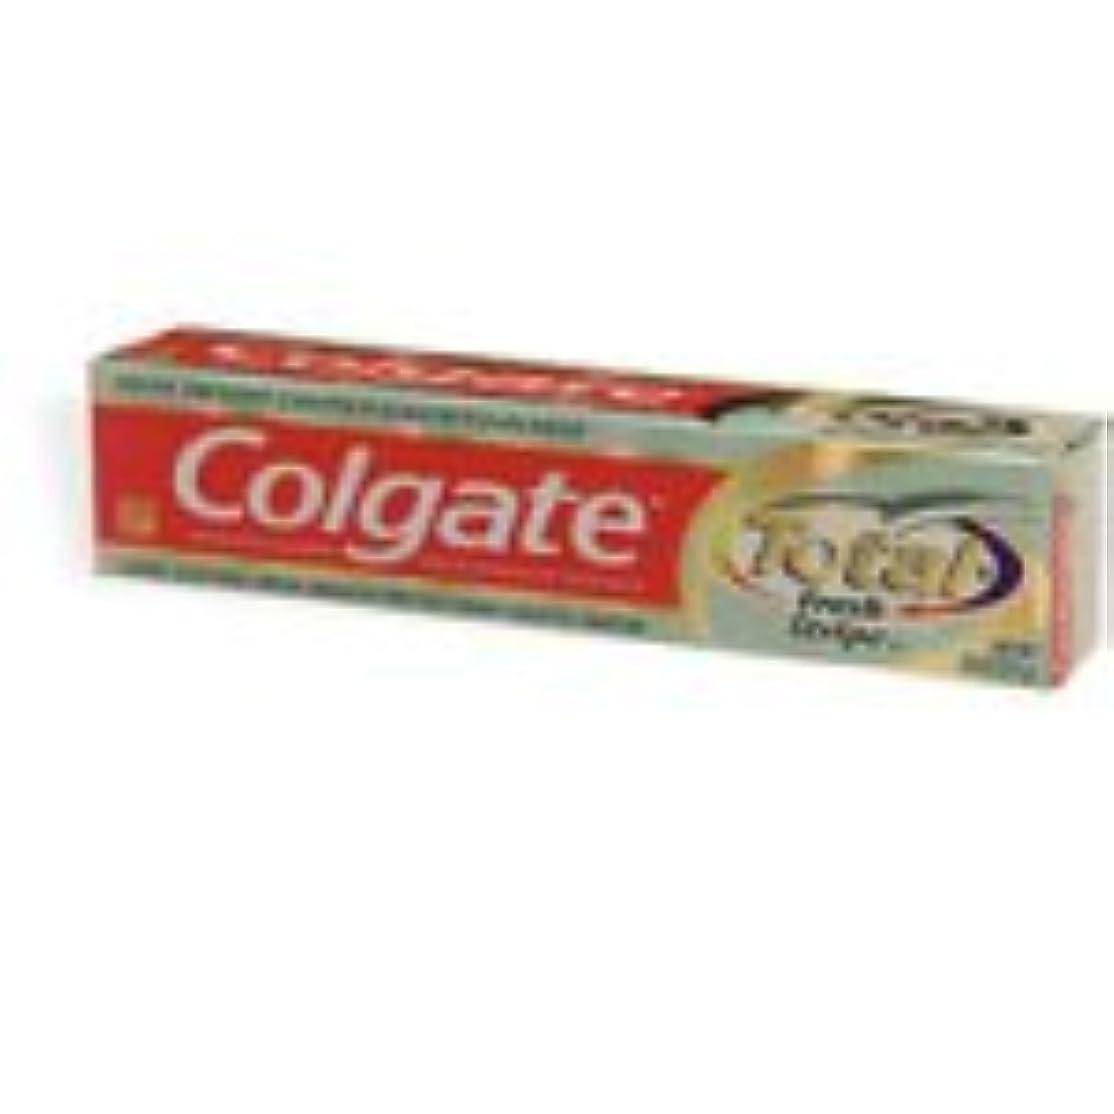 集めるゴールド小包Colgate 合計12時間マルチプロテクションの歯磨き粉、ミントストライプ(7.8オンス)